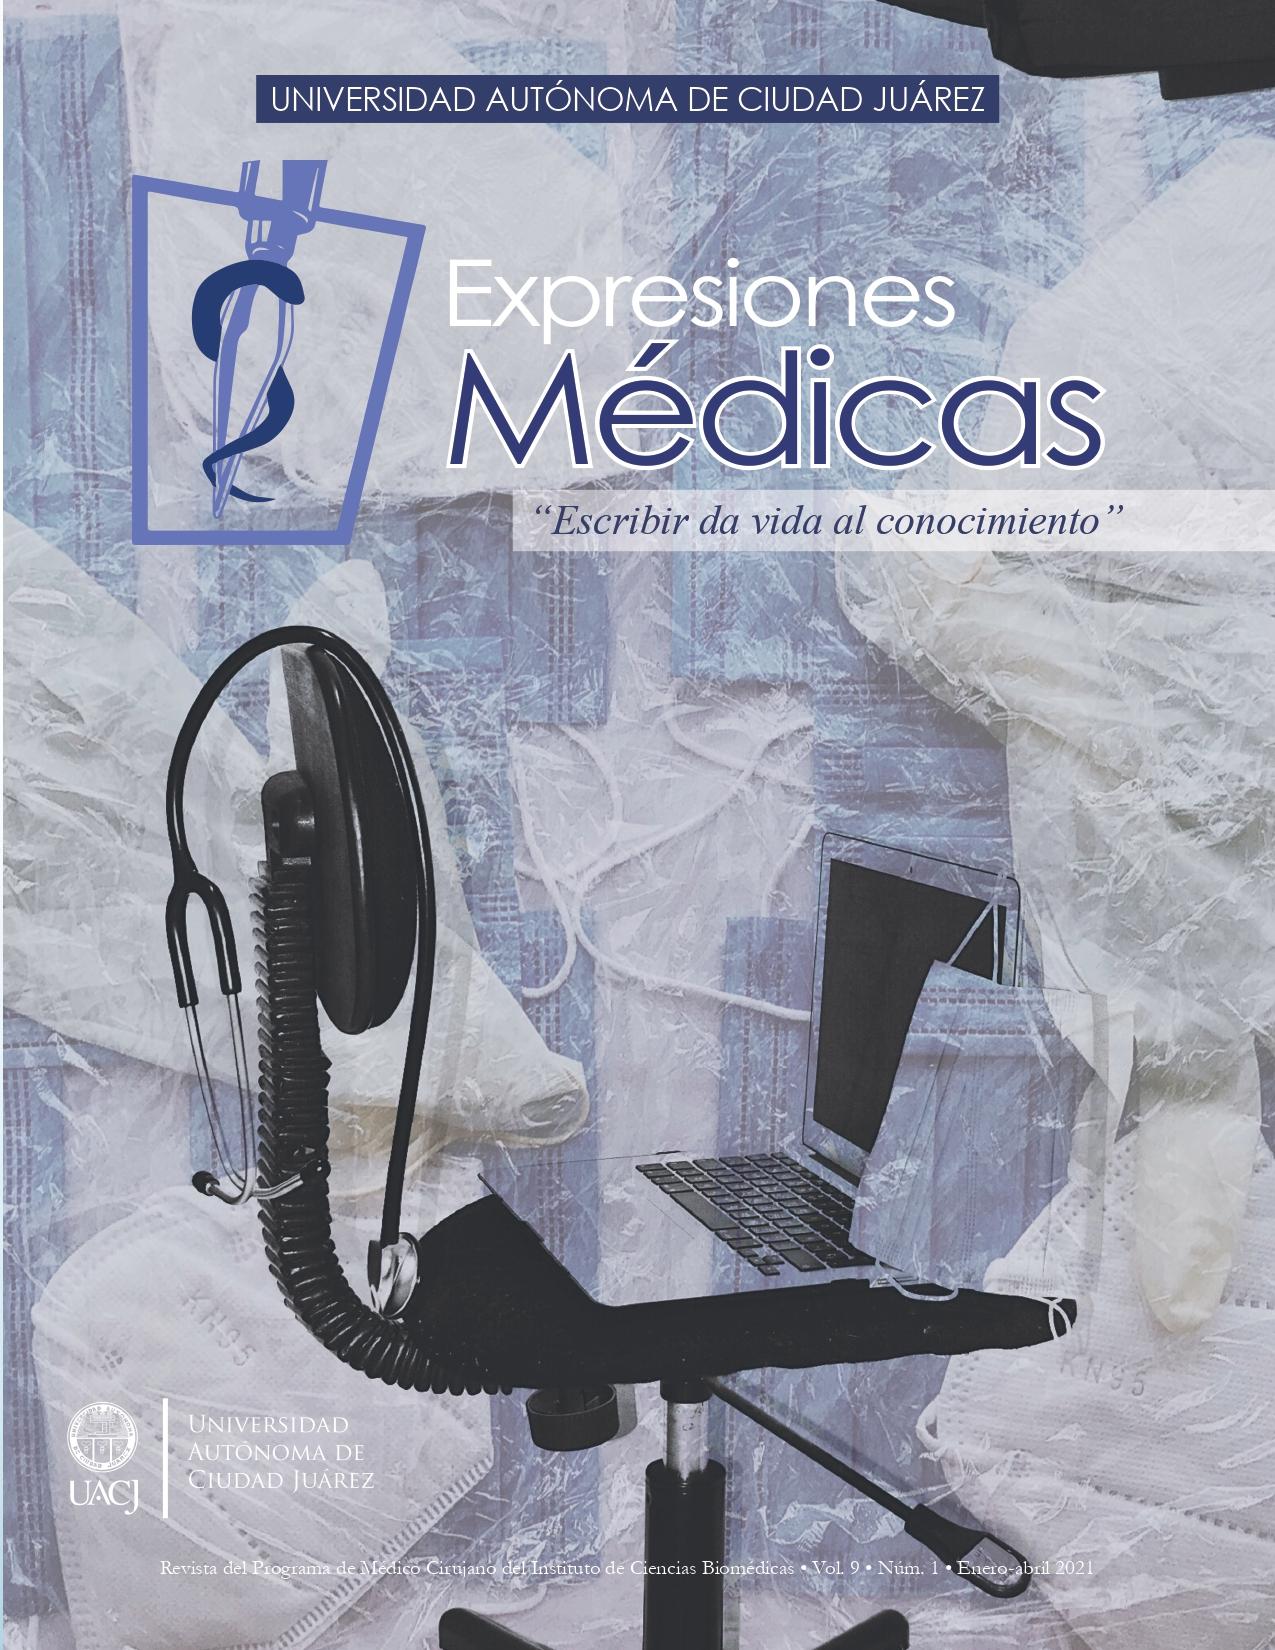 Portada Expresiones Medicas tomo 1 2021